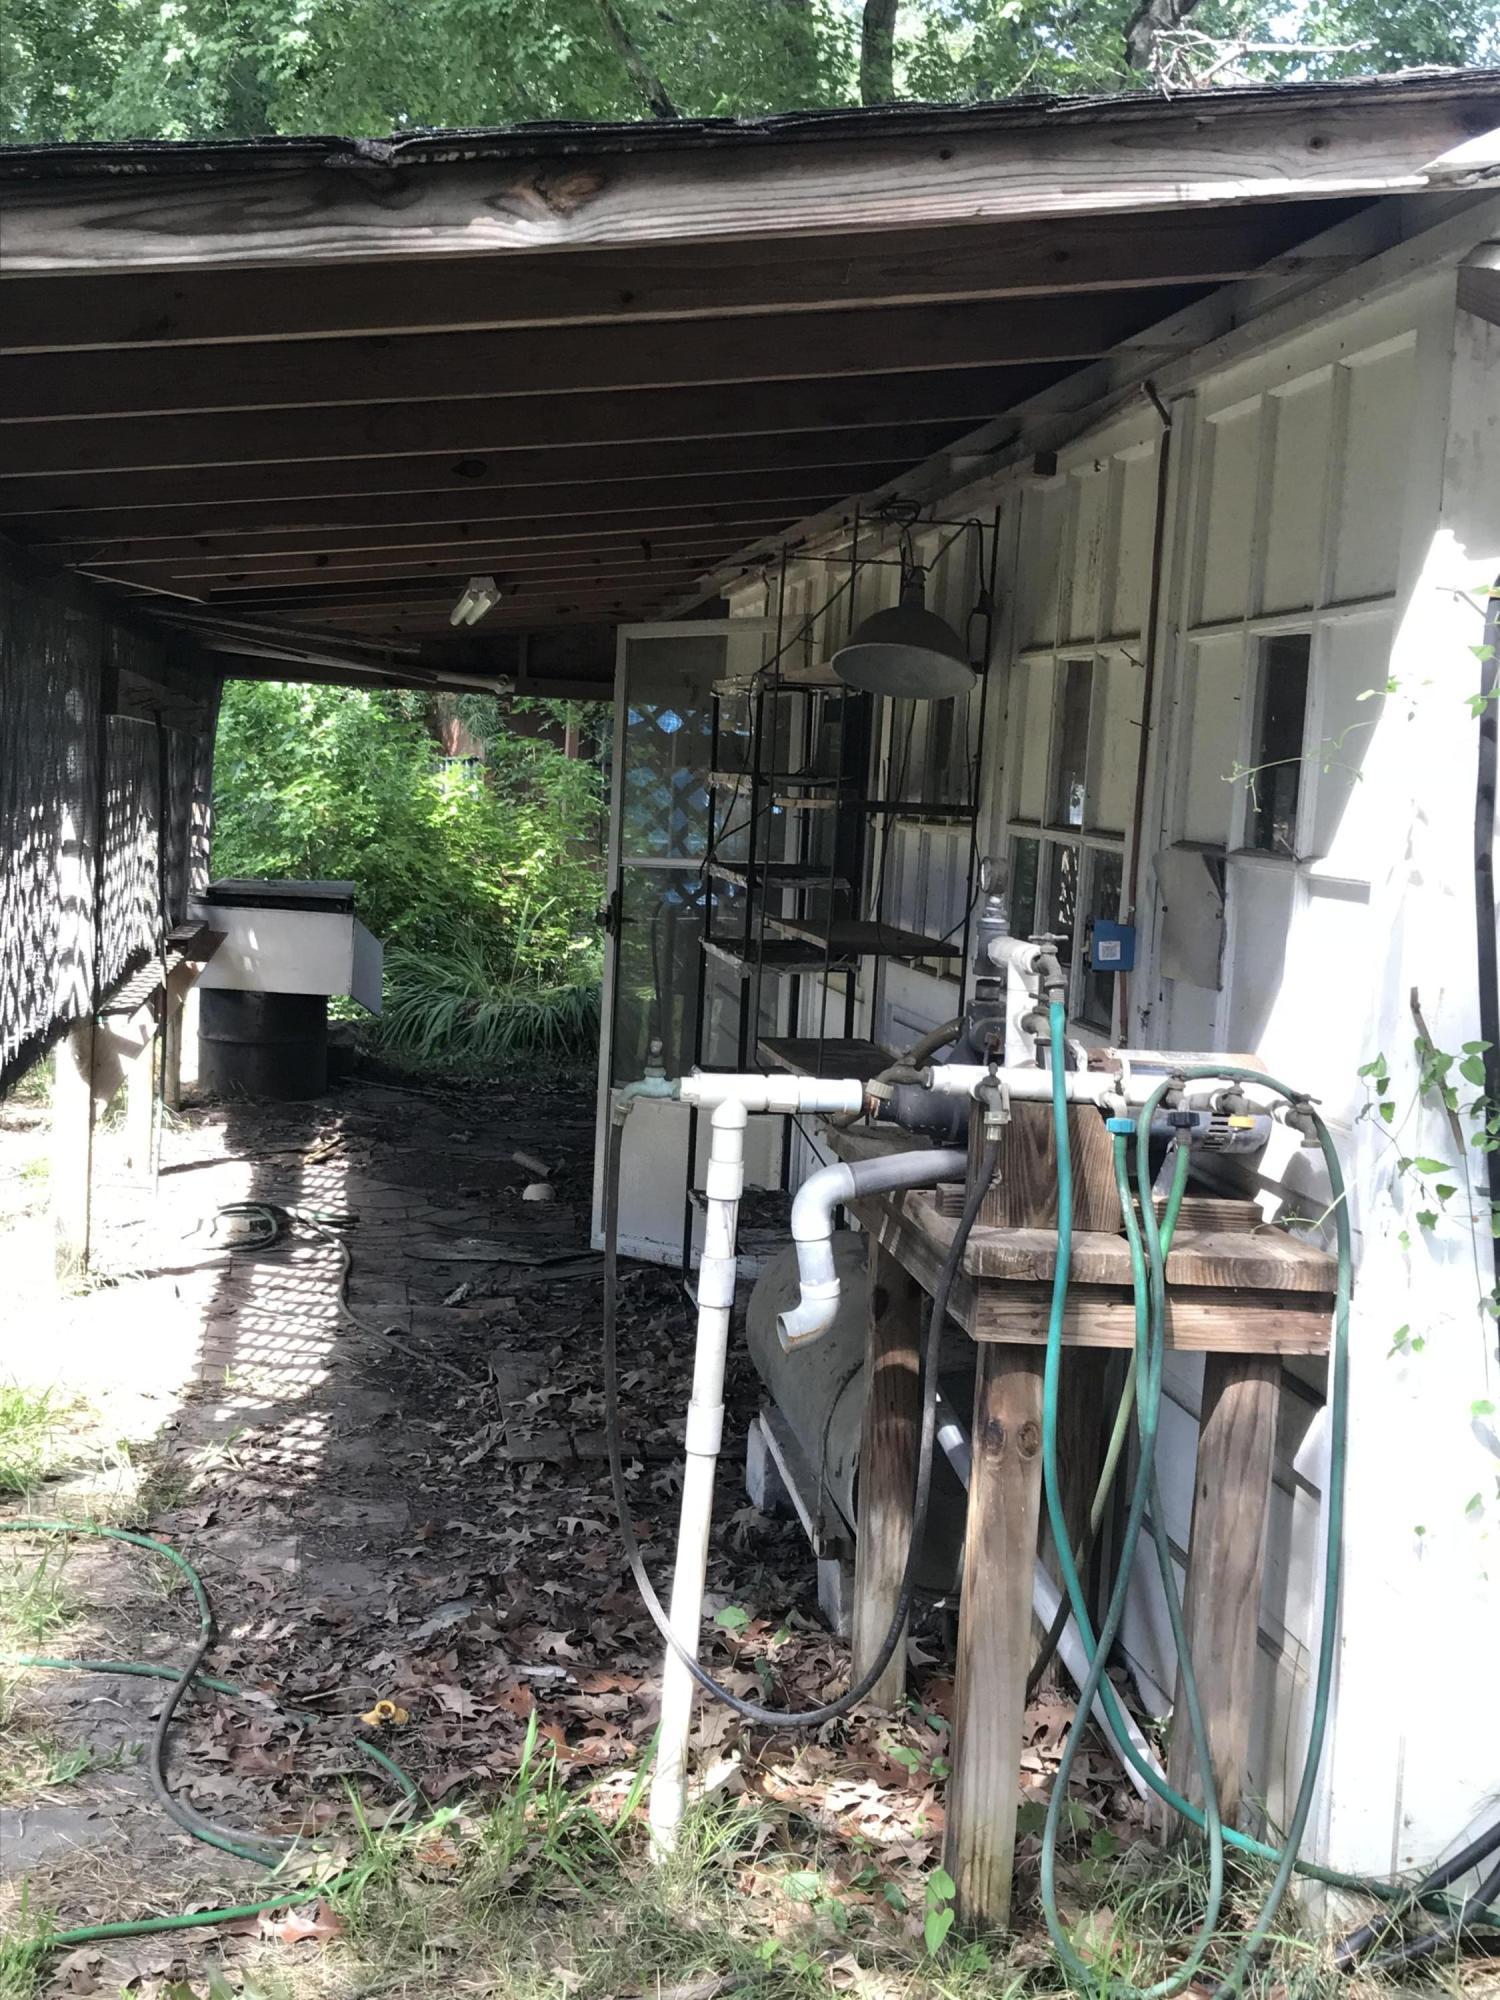 St James Estates Homes For Sale - 103 Westminster, Goose Creek, SC - 46